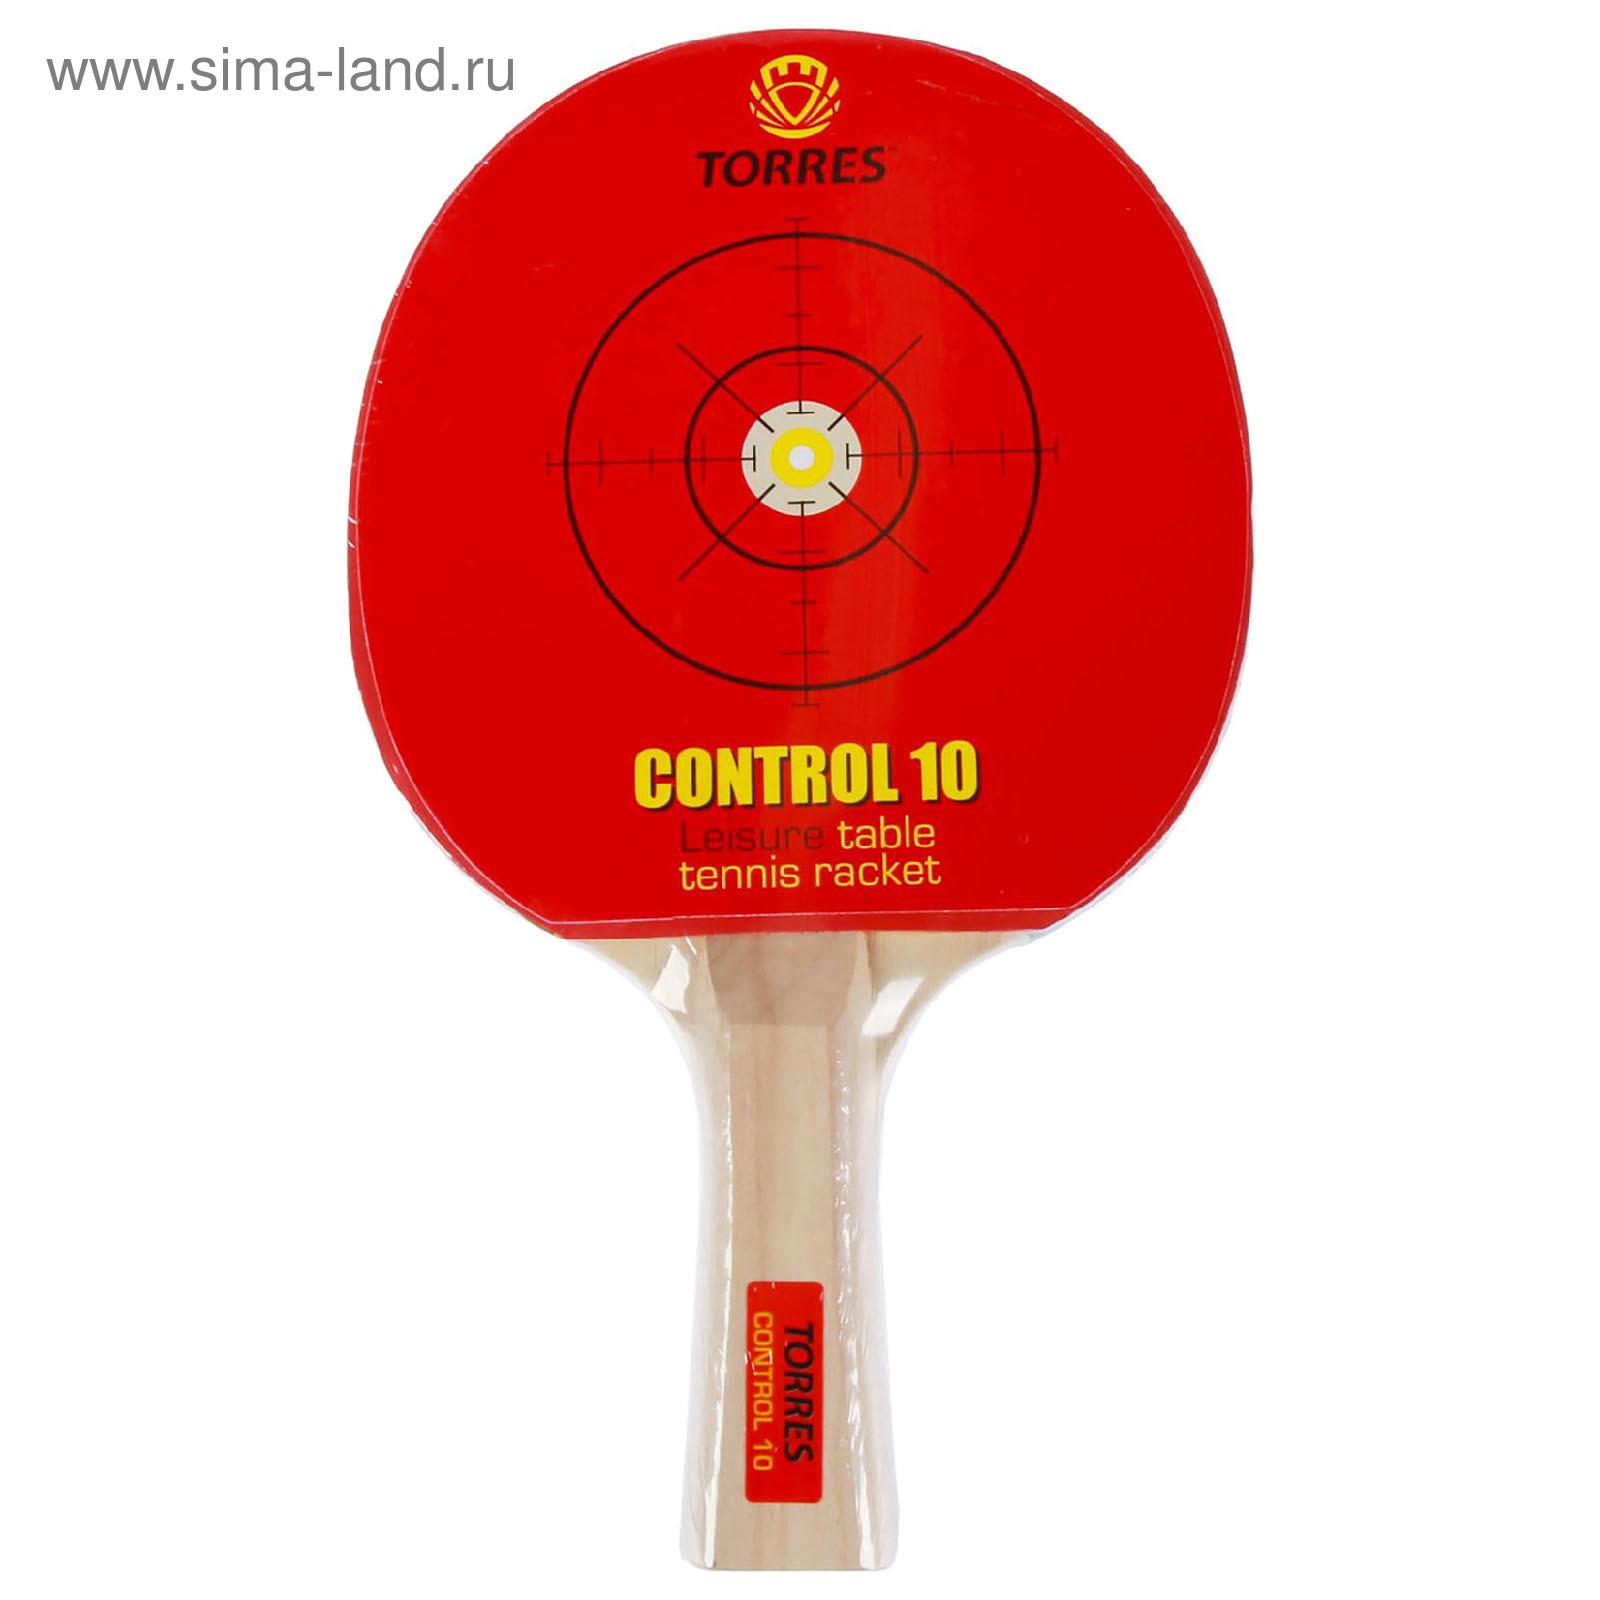 Ракетка для настольного тенниса Torres Control 10 c569ffead4a83